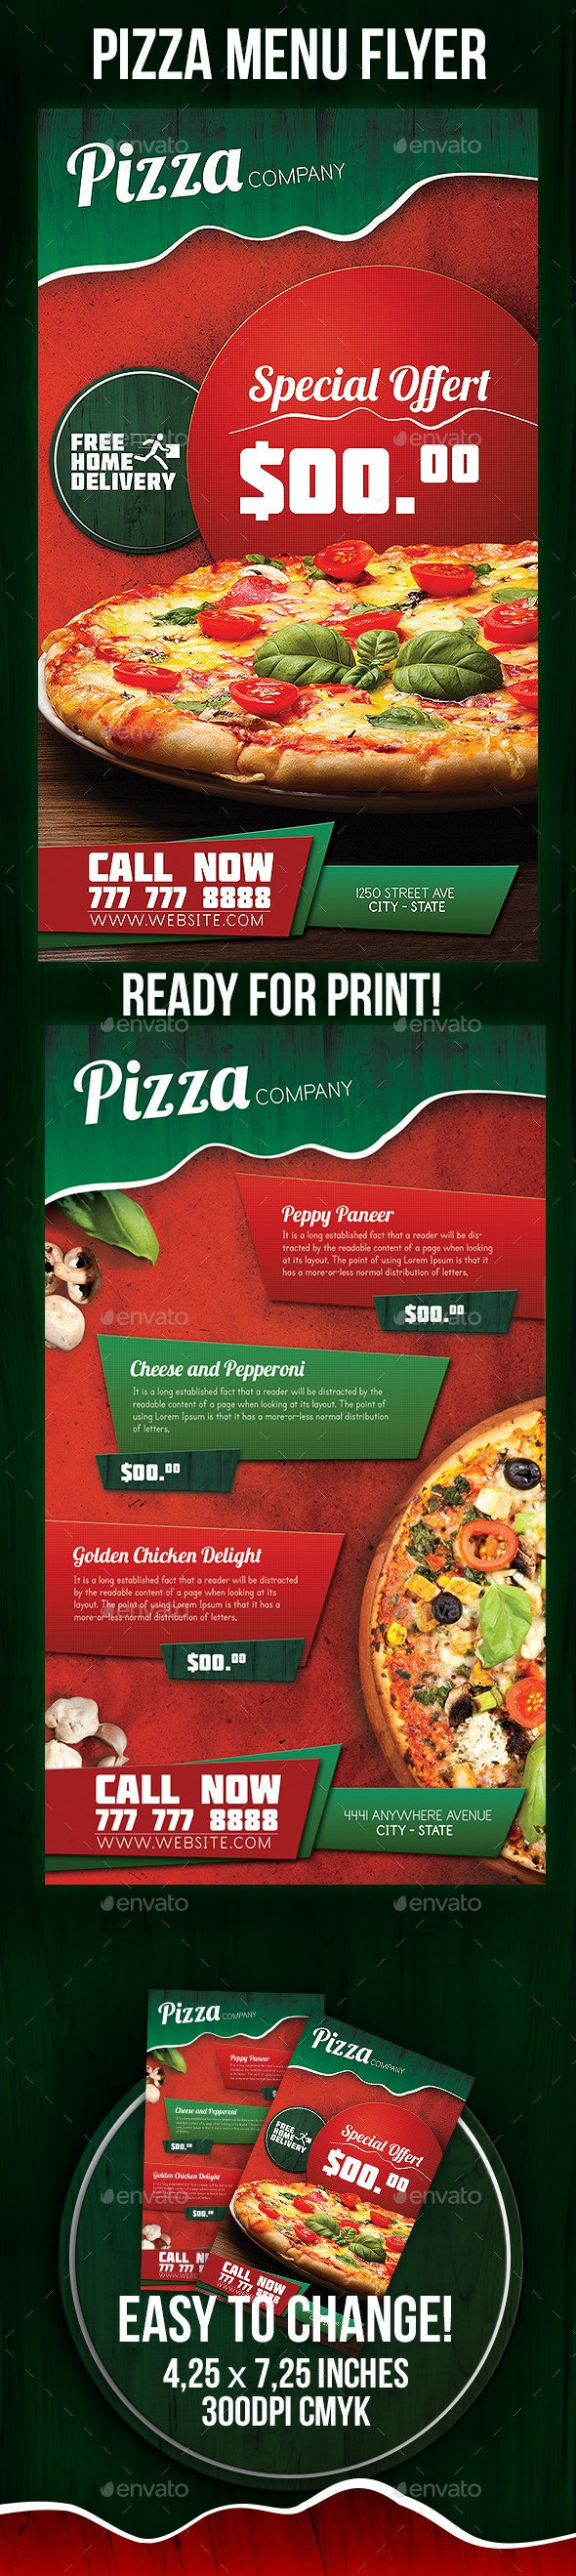 Pizza Menu Flyer - Restaurant Flyers